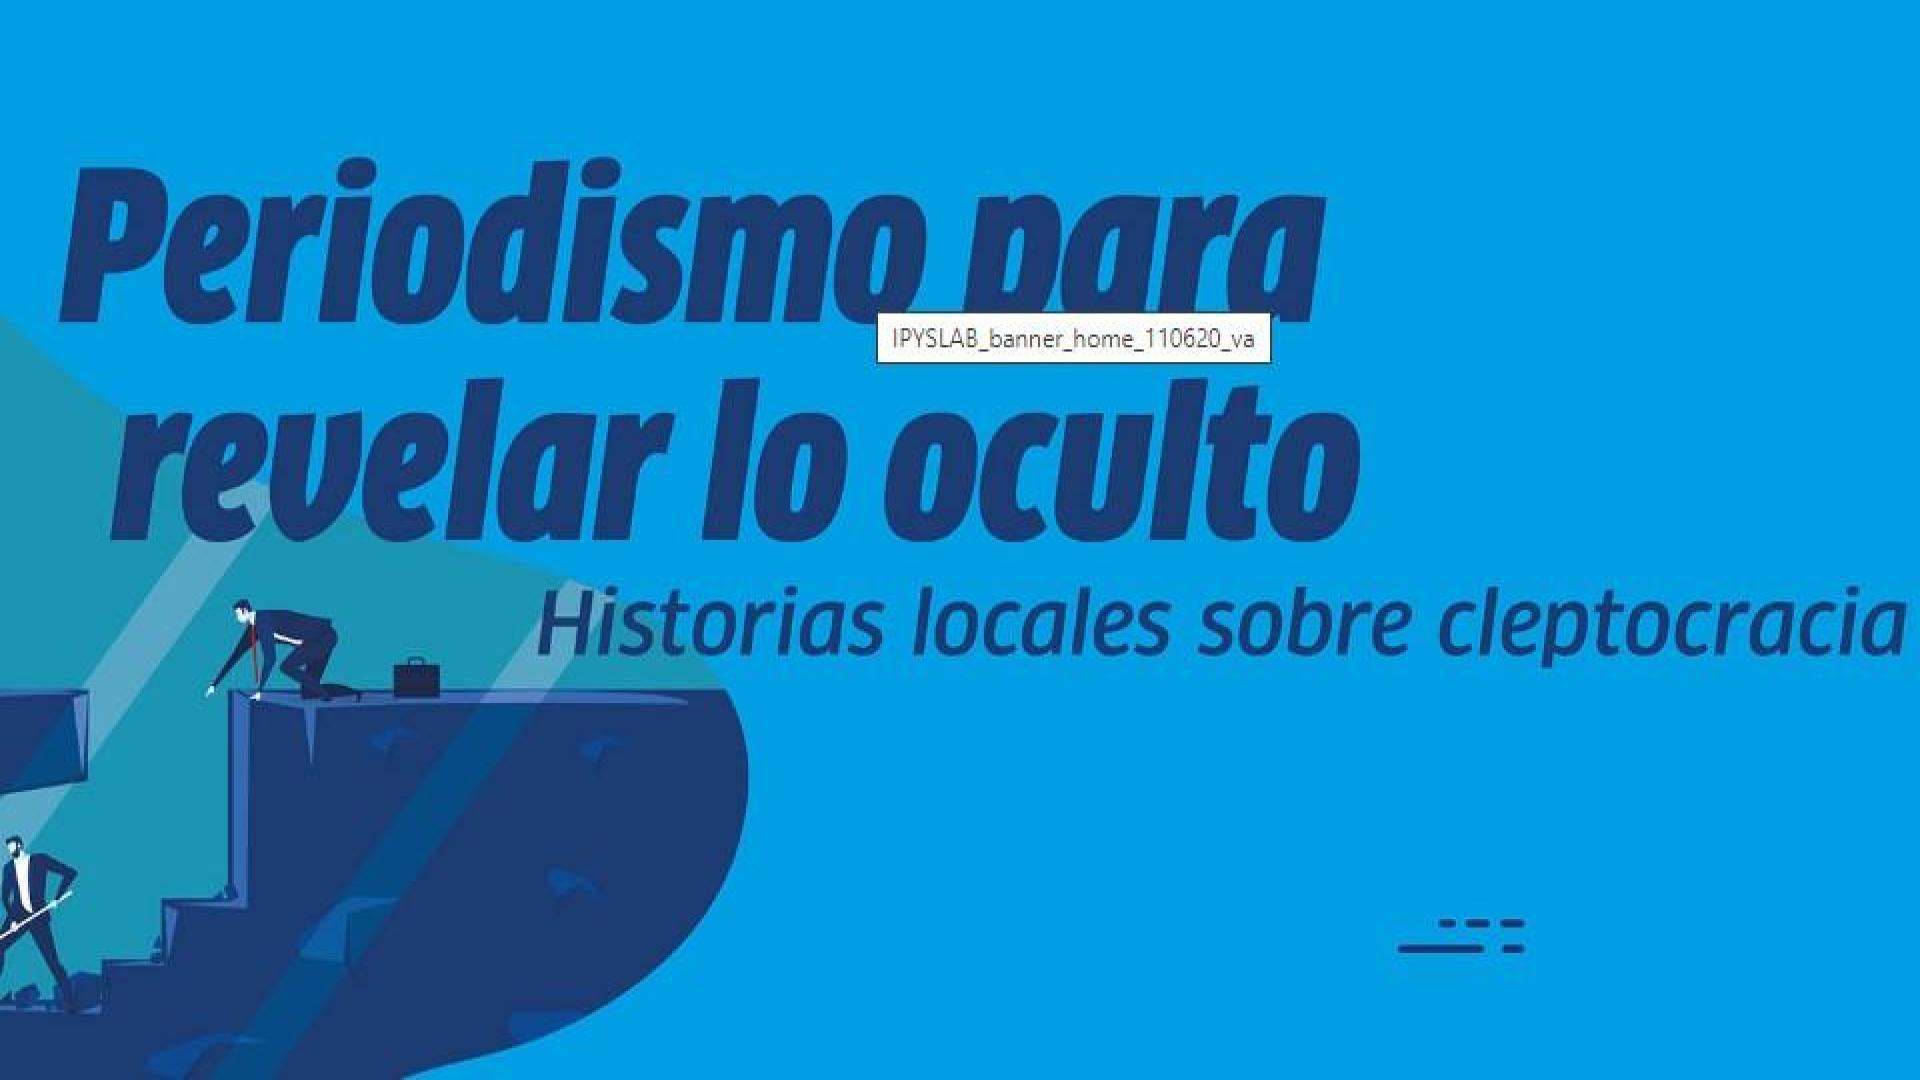 """IPYS Venezuela presenta """"Periodismo para revelar lo oculto: Historias locales sobre cleptocracia"""""""